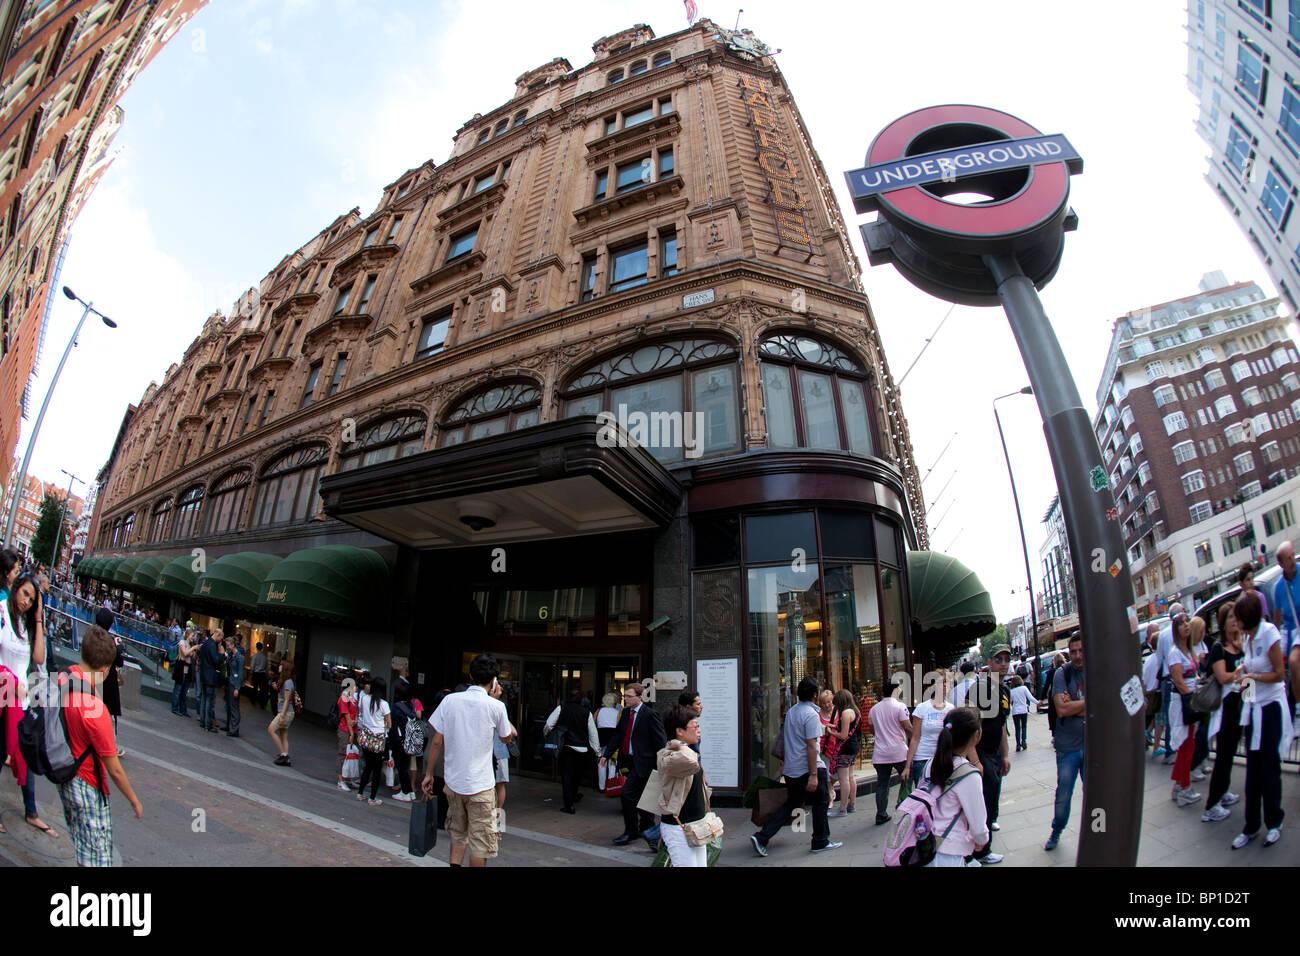 Luxuskaufhaus Harrods befindet sich an der Brompton Road in Knightsbridge, London, England, Vereinigtes Königreich. Stockbild